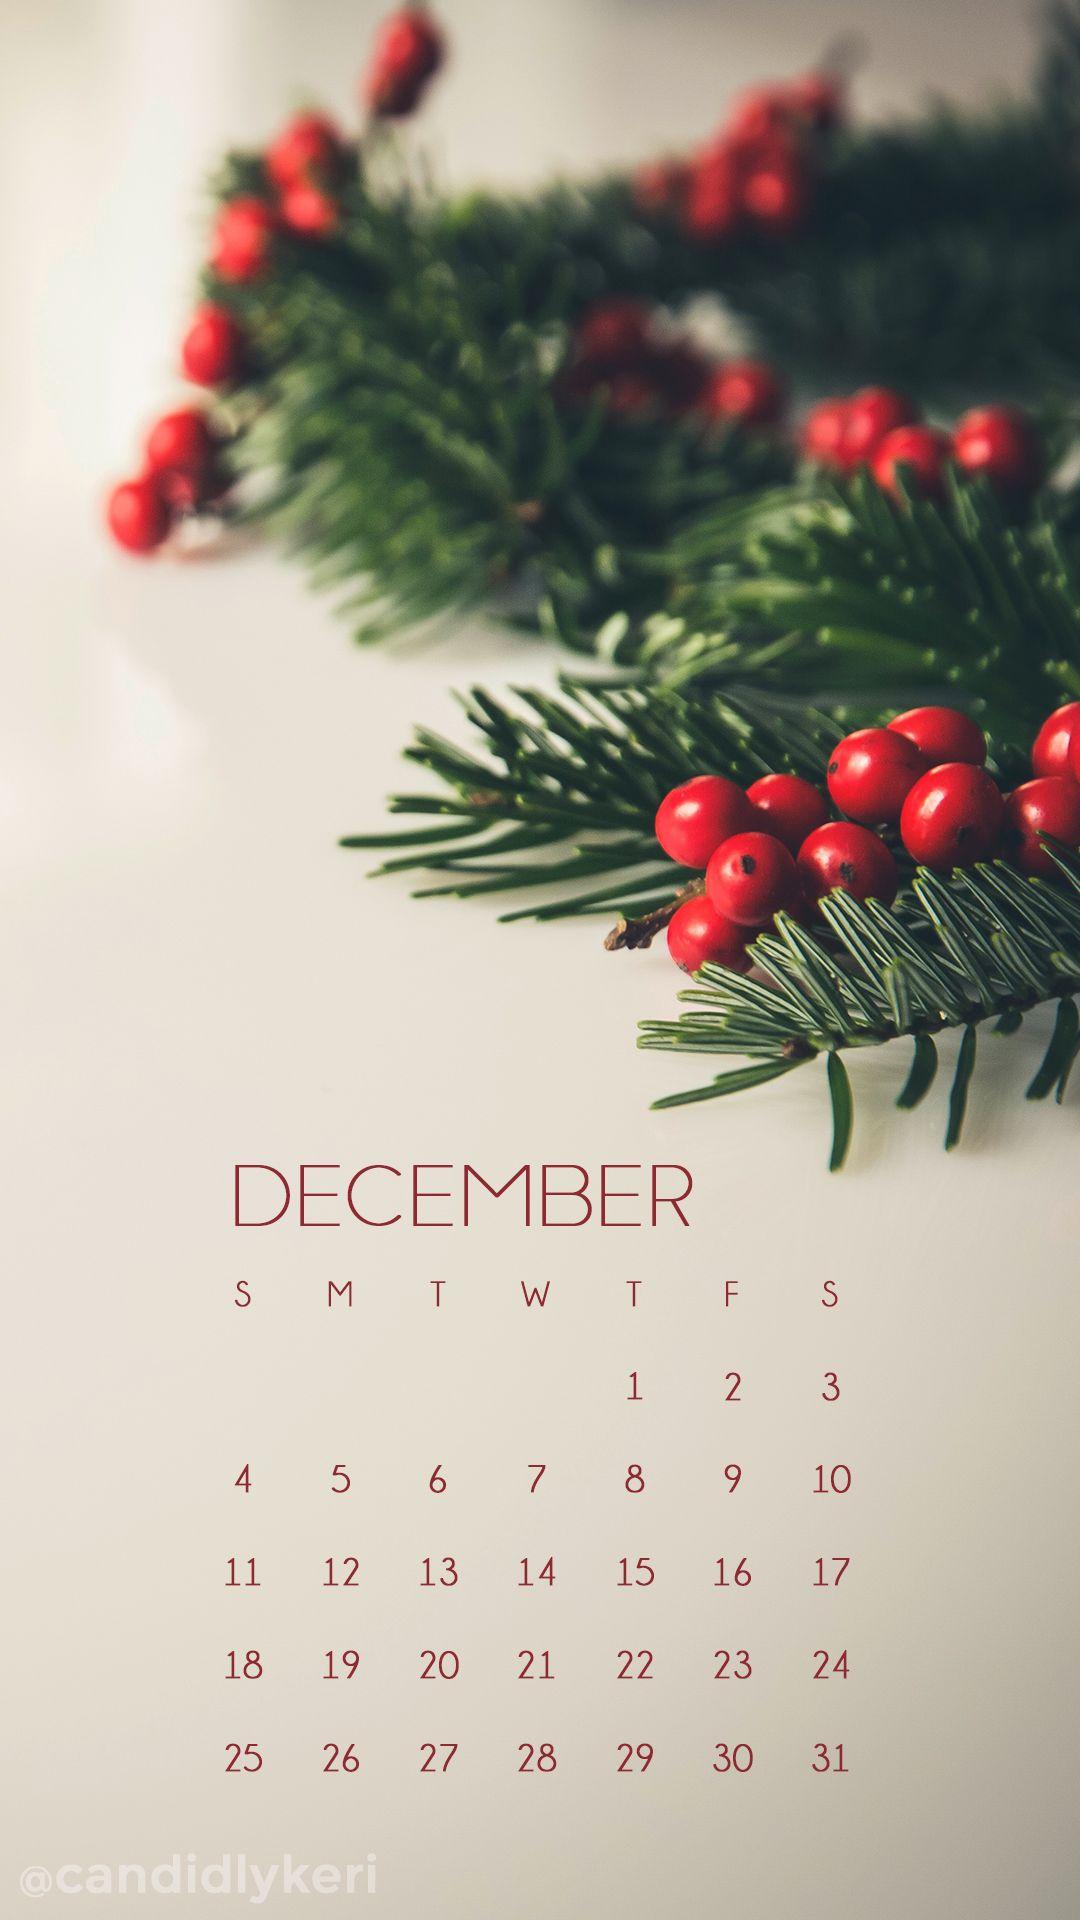 Hollies December calendar 2016 wallpaper you can download